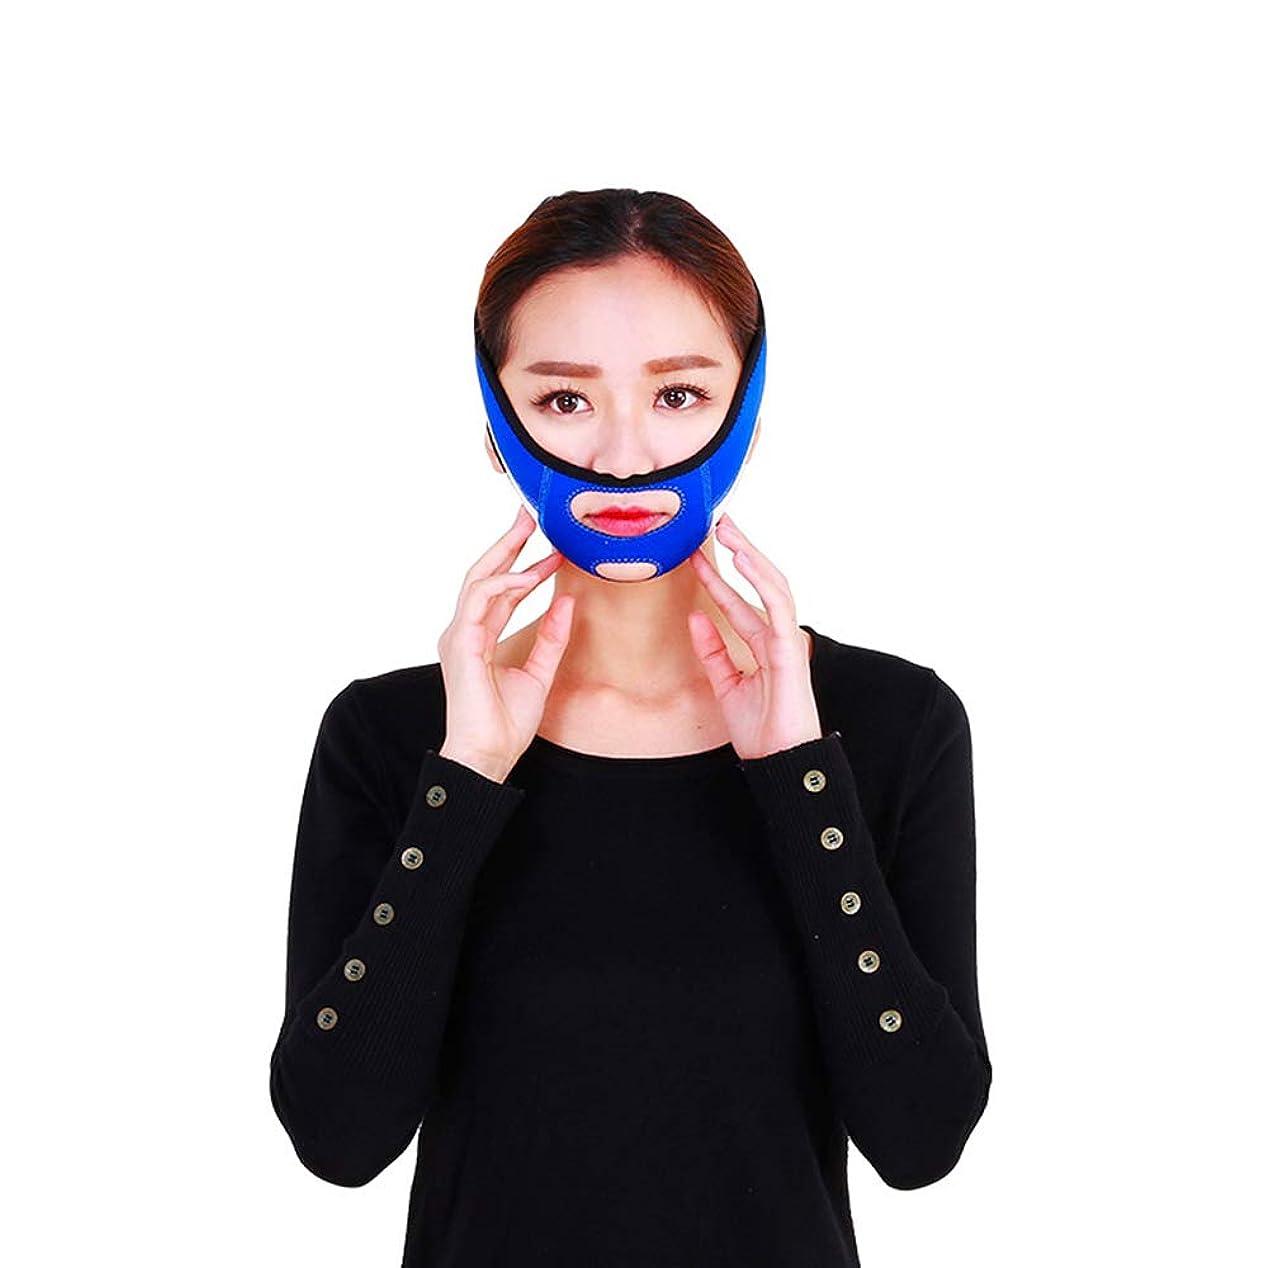 単位既婚どういたしましてGYZ フェイシャルリフティング痩身ベルトフェーススリム二重あごを取り除くアンチエイジングリンクルフェイス包帯マスク整形マスクが顔を引き締める Thin Face Belt